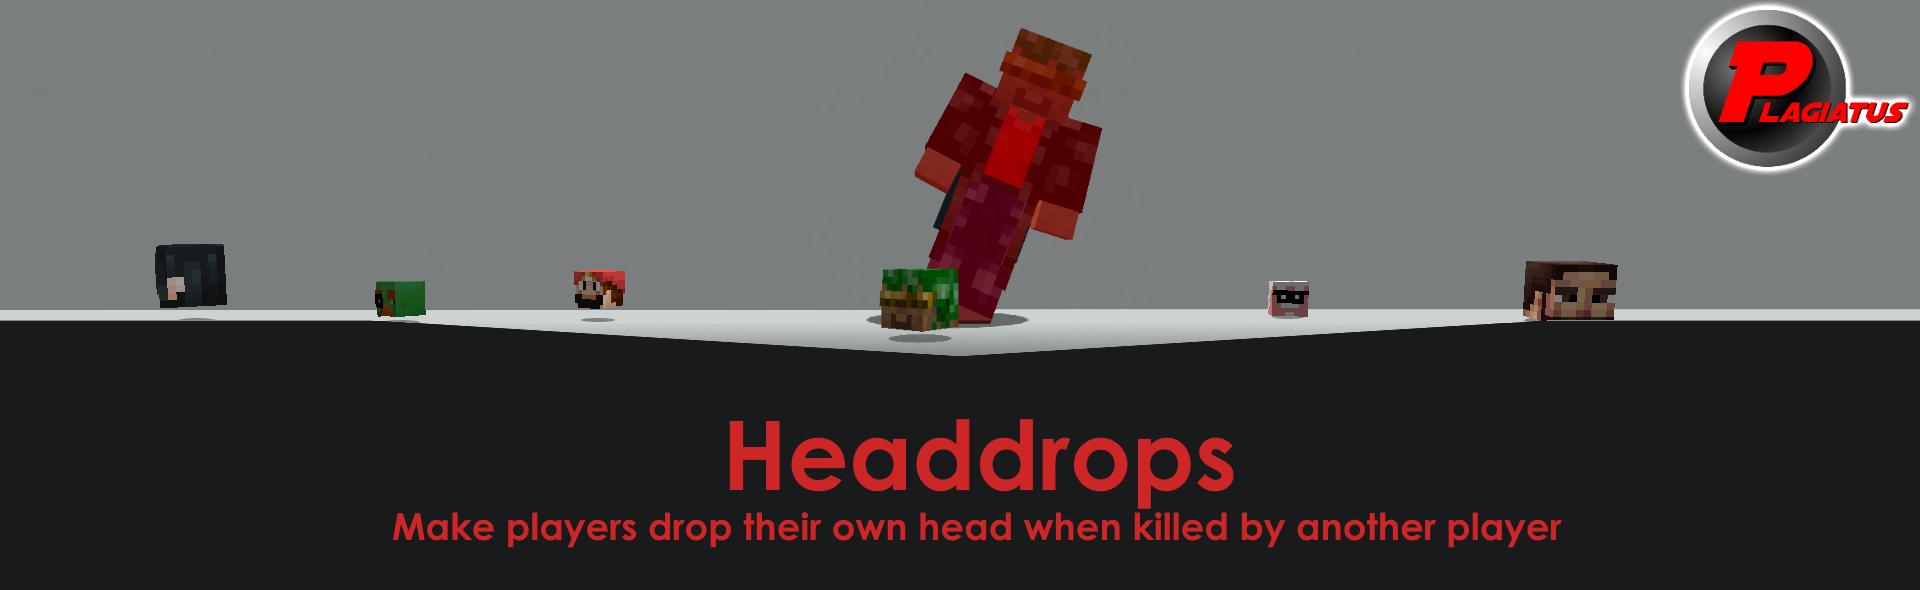 Headdrops Banner